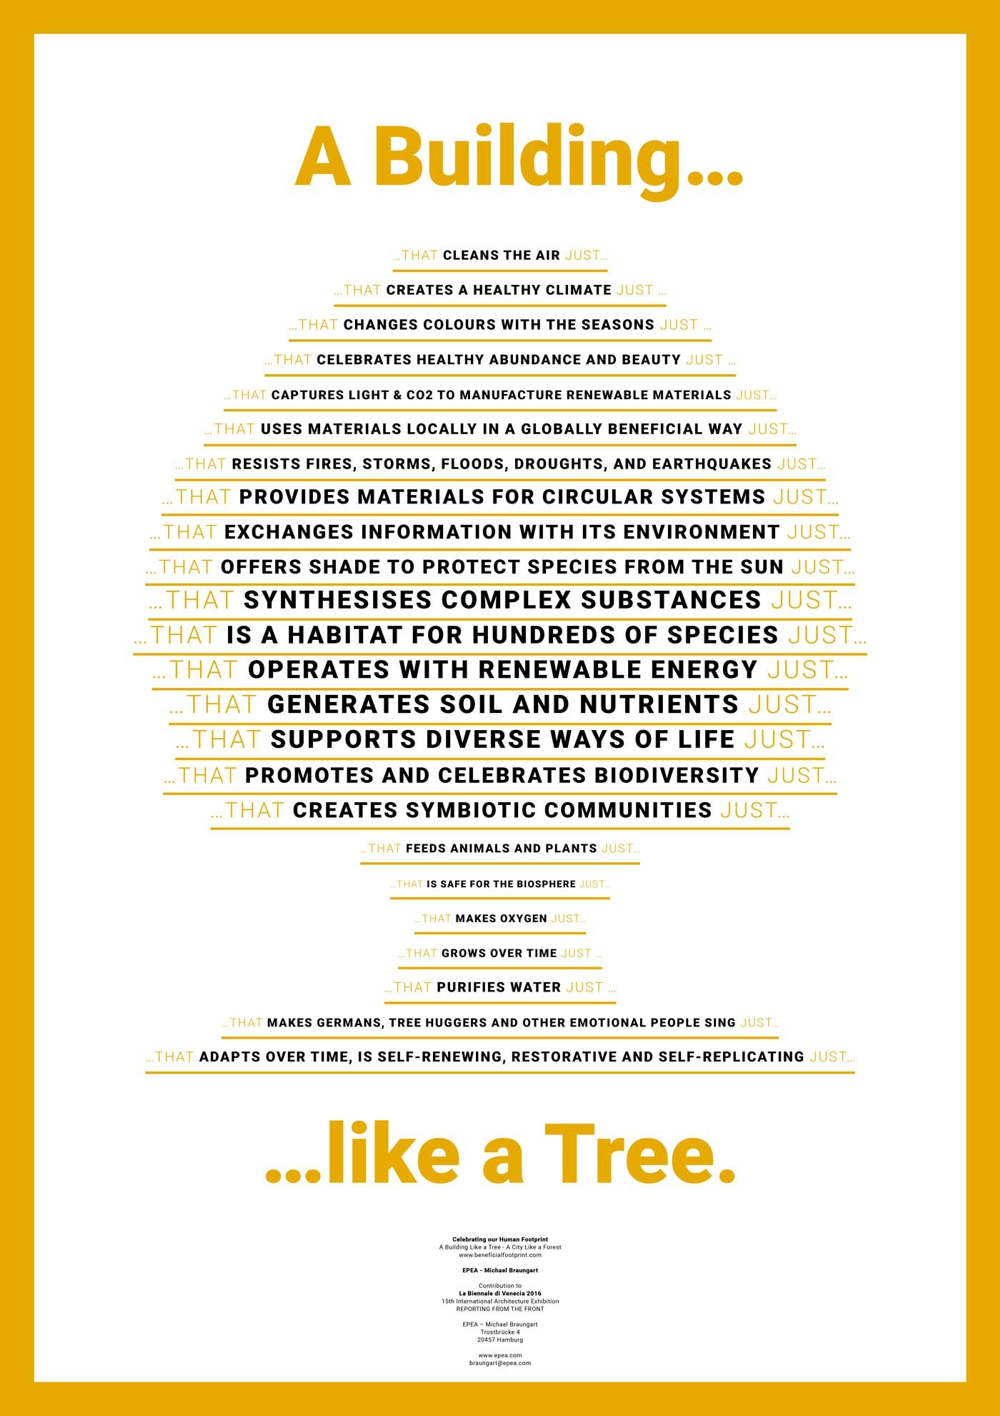 Dieses Plakat hat Professor Braungart für seine Cradle to Cradle Ausstellung auf der Architektur-Biennale in Venedig 2016 entworfen. Es bringt seine Vorstellungen vom Holzbau eindrucksvoll auf den Punkt.